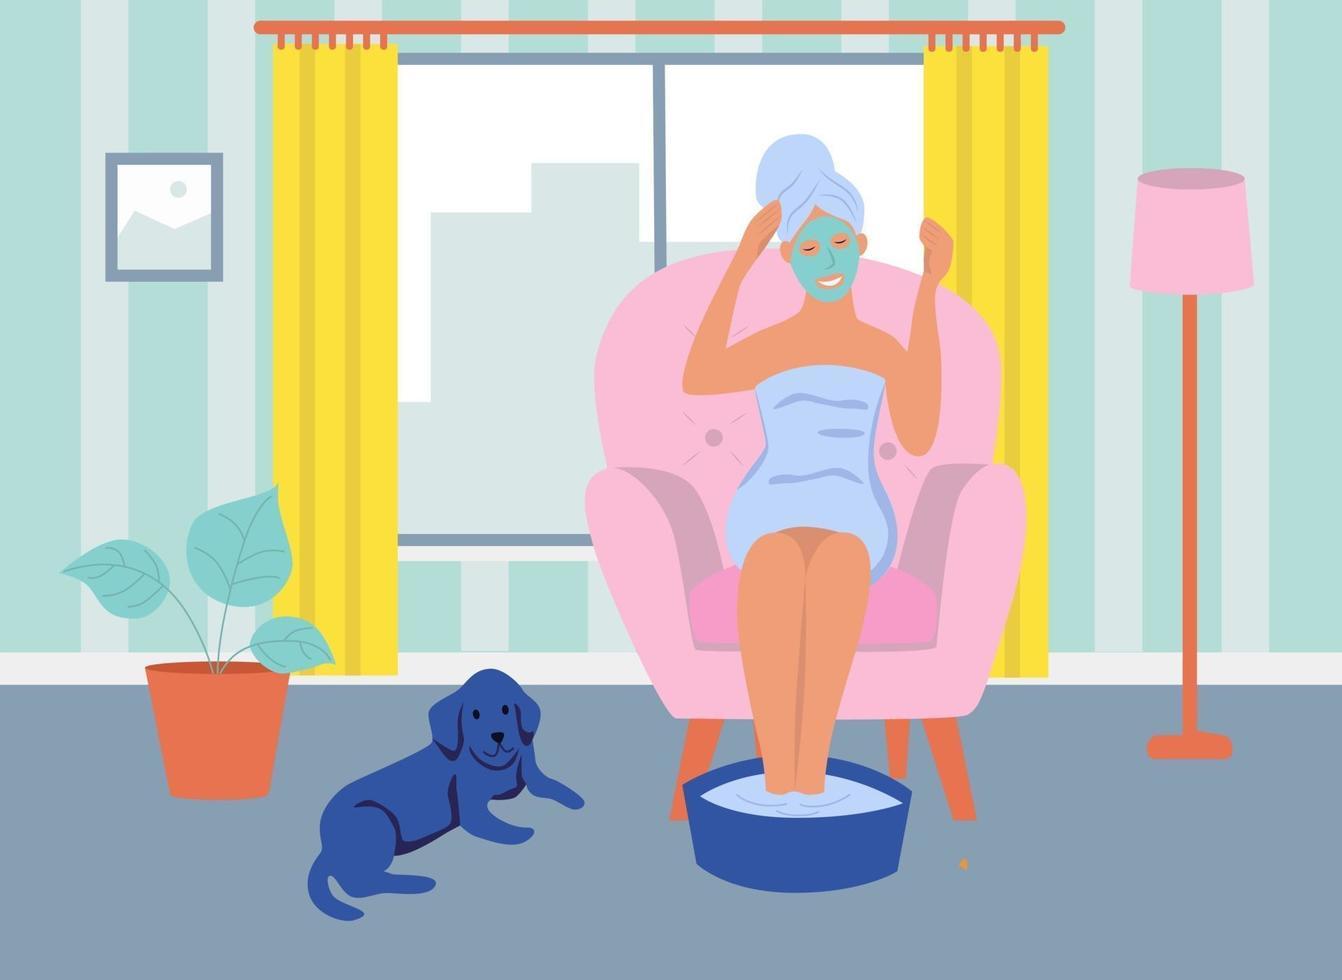 una giovane donna con una maschera cosmetica sul viso è seduta su una sedia. il concetto di home spa, vita quotidiana, tempo libero e attività lavorative quotidiane. illustrazione vettoriale di cartone animato piatto.